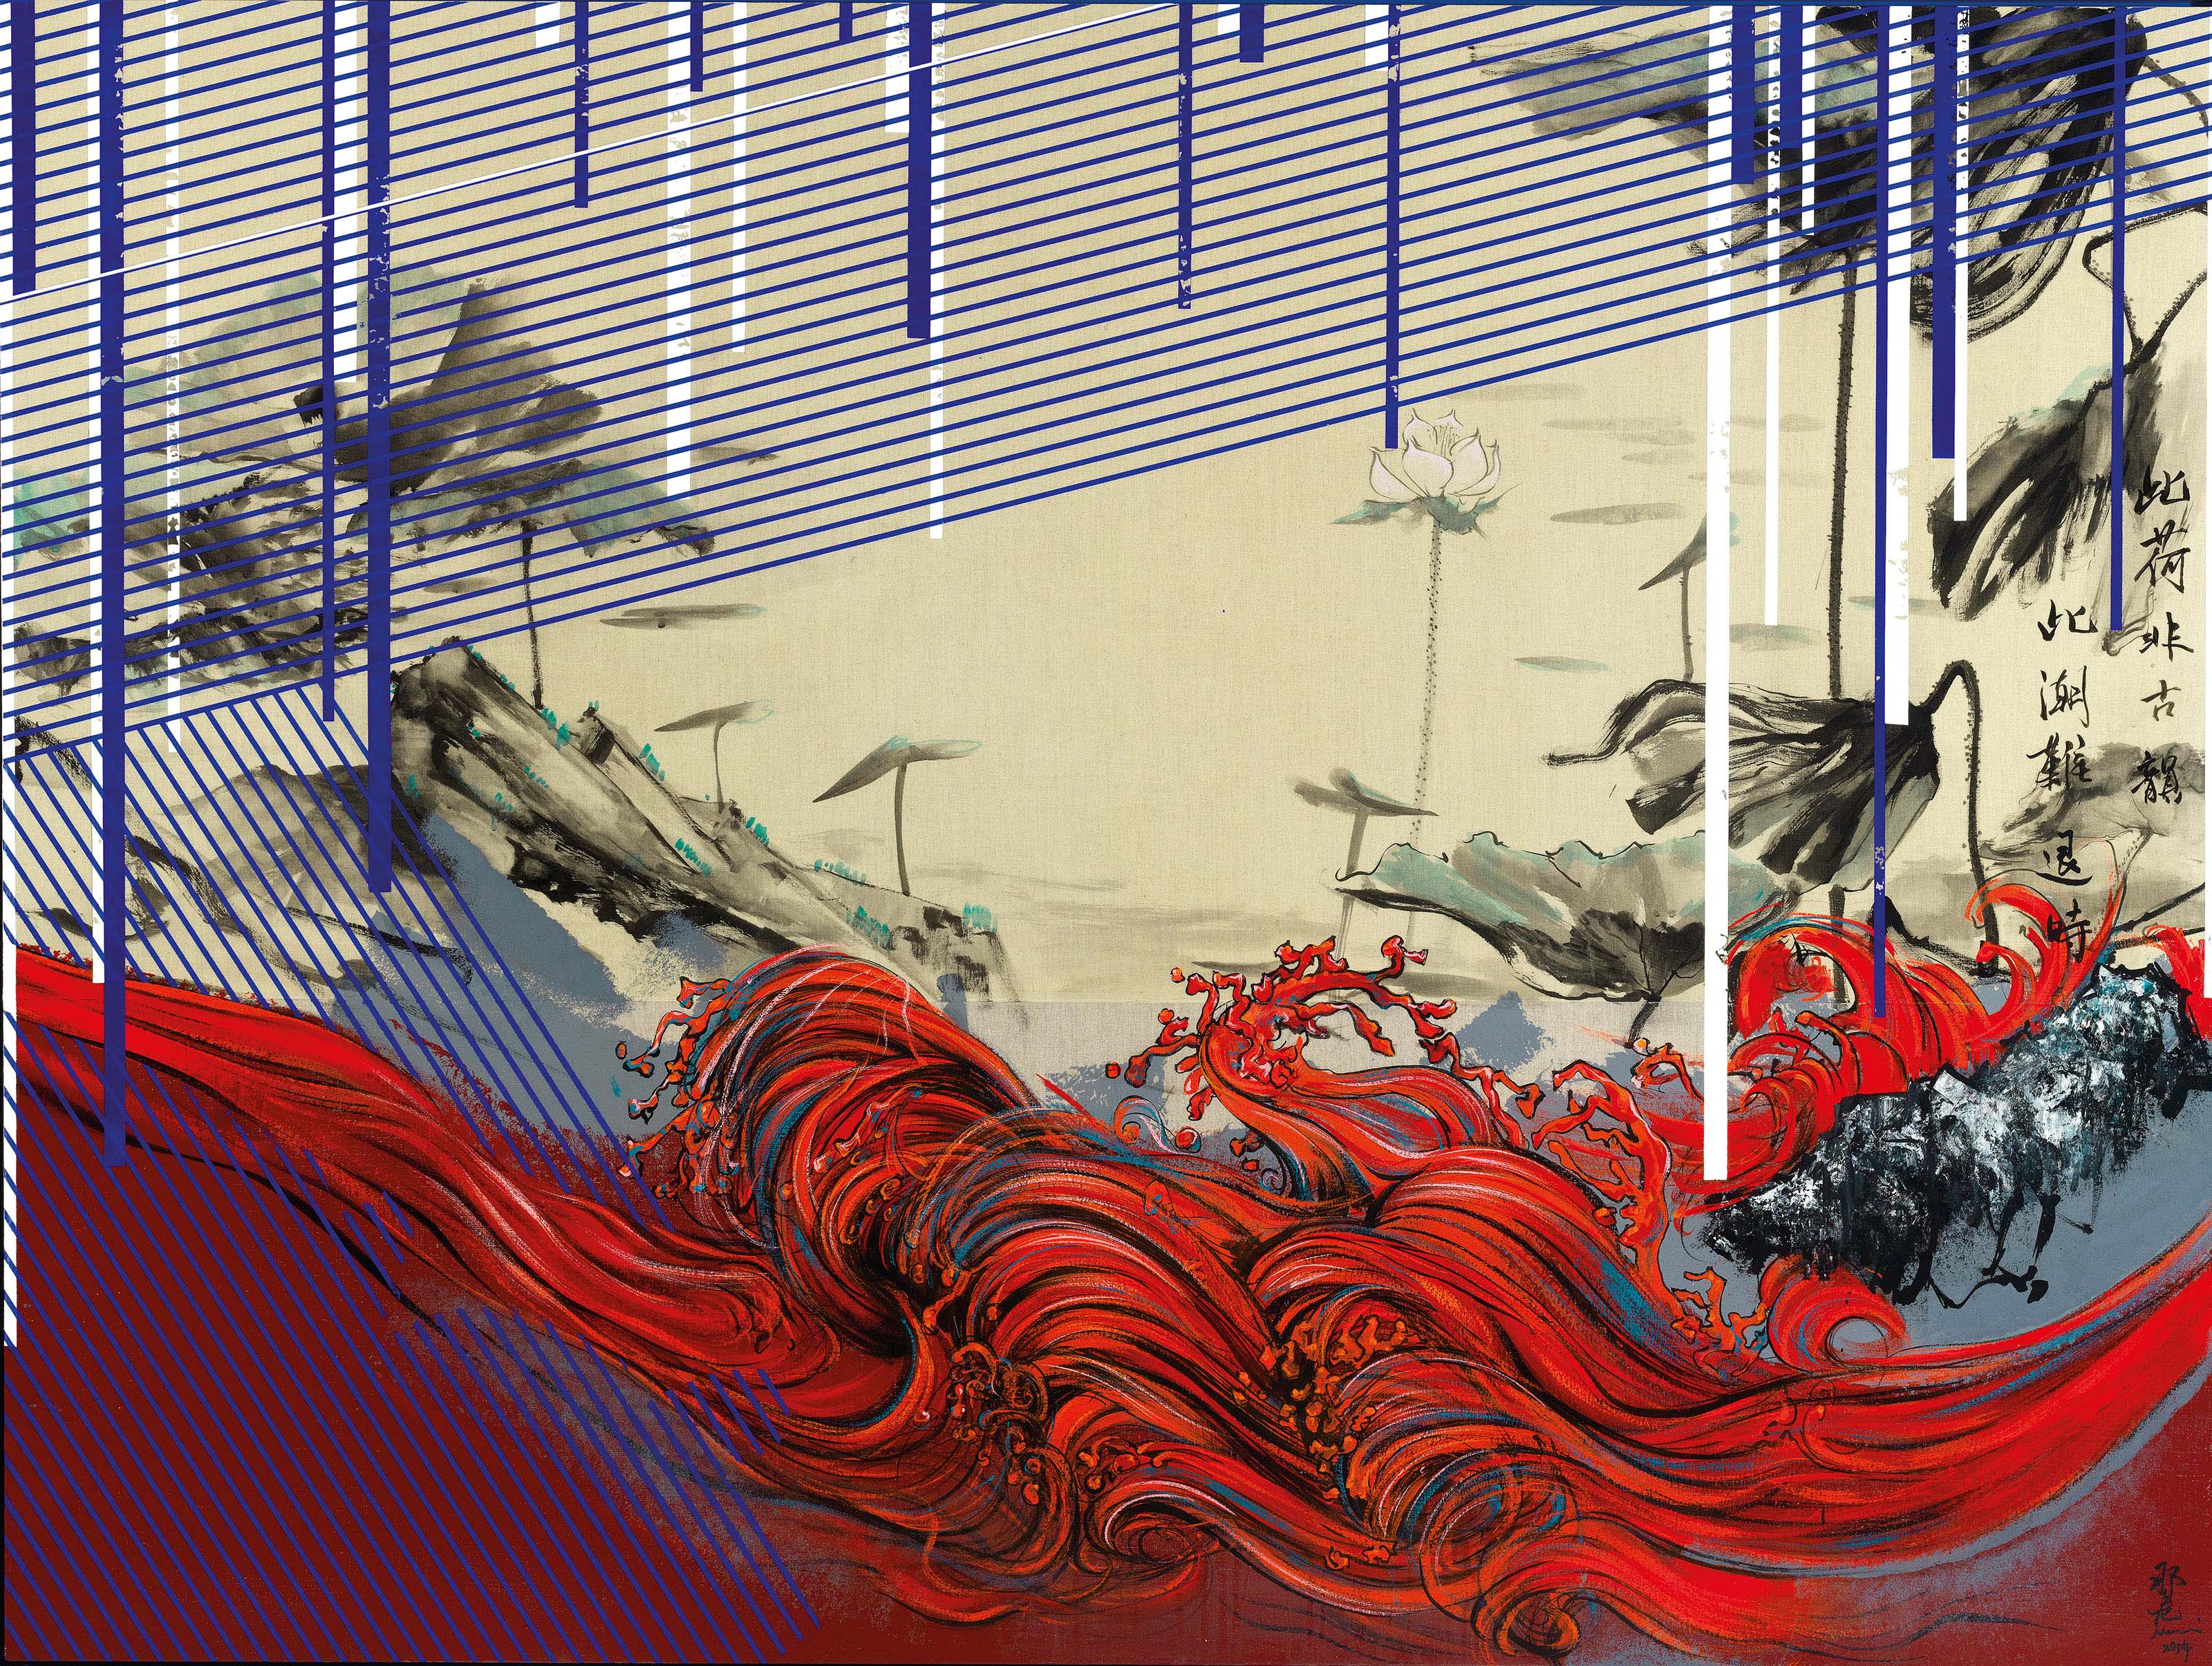 The Red Tide Landscape